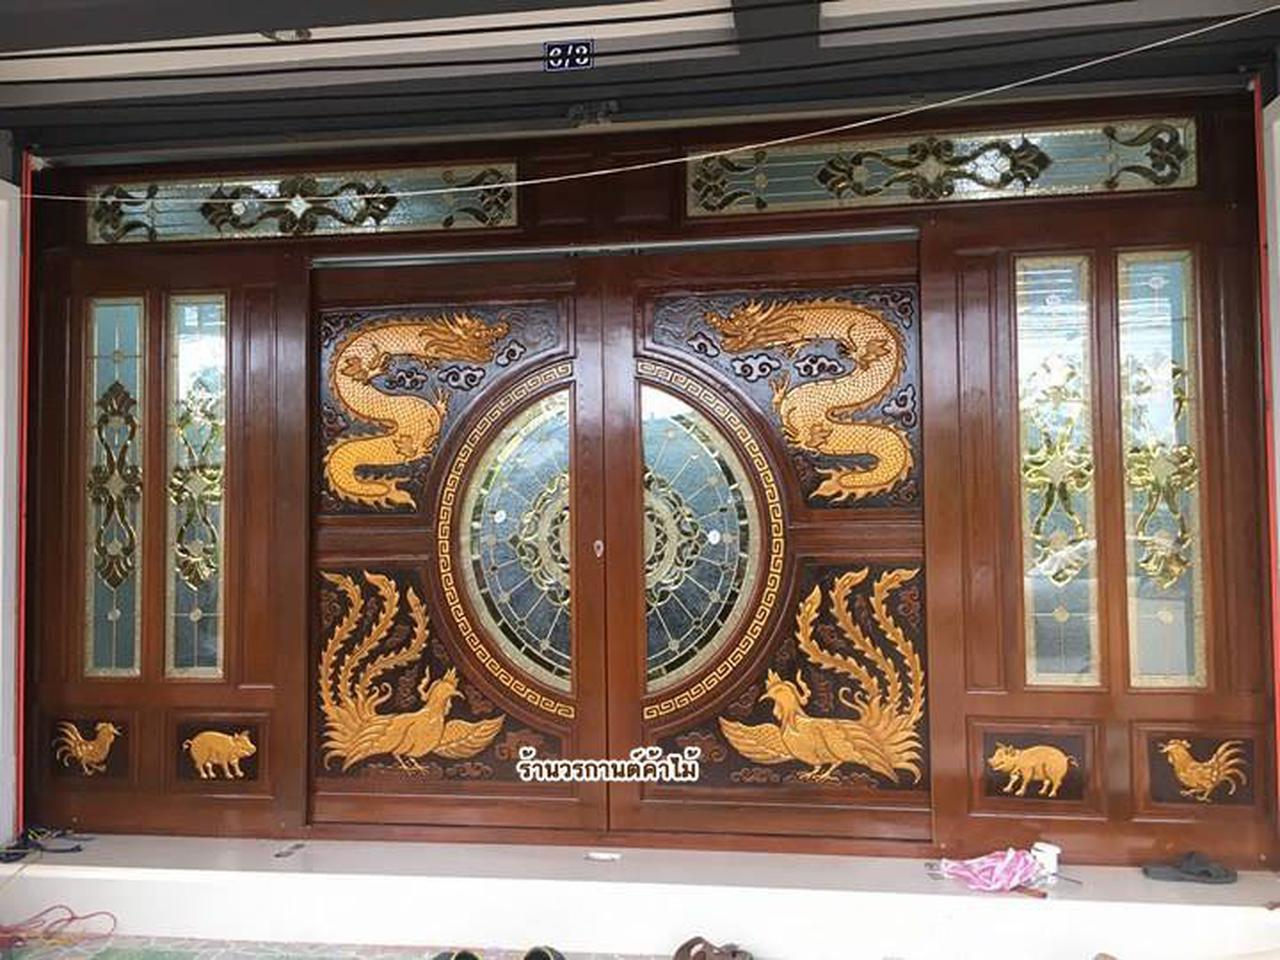 ประตูไม้สัก,ประตูไม้สักกระจกนิรภัย www.door-woodhome.com ร้านวรกานต์ค้าไม้ รูปที่ 3